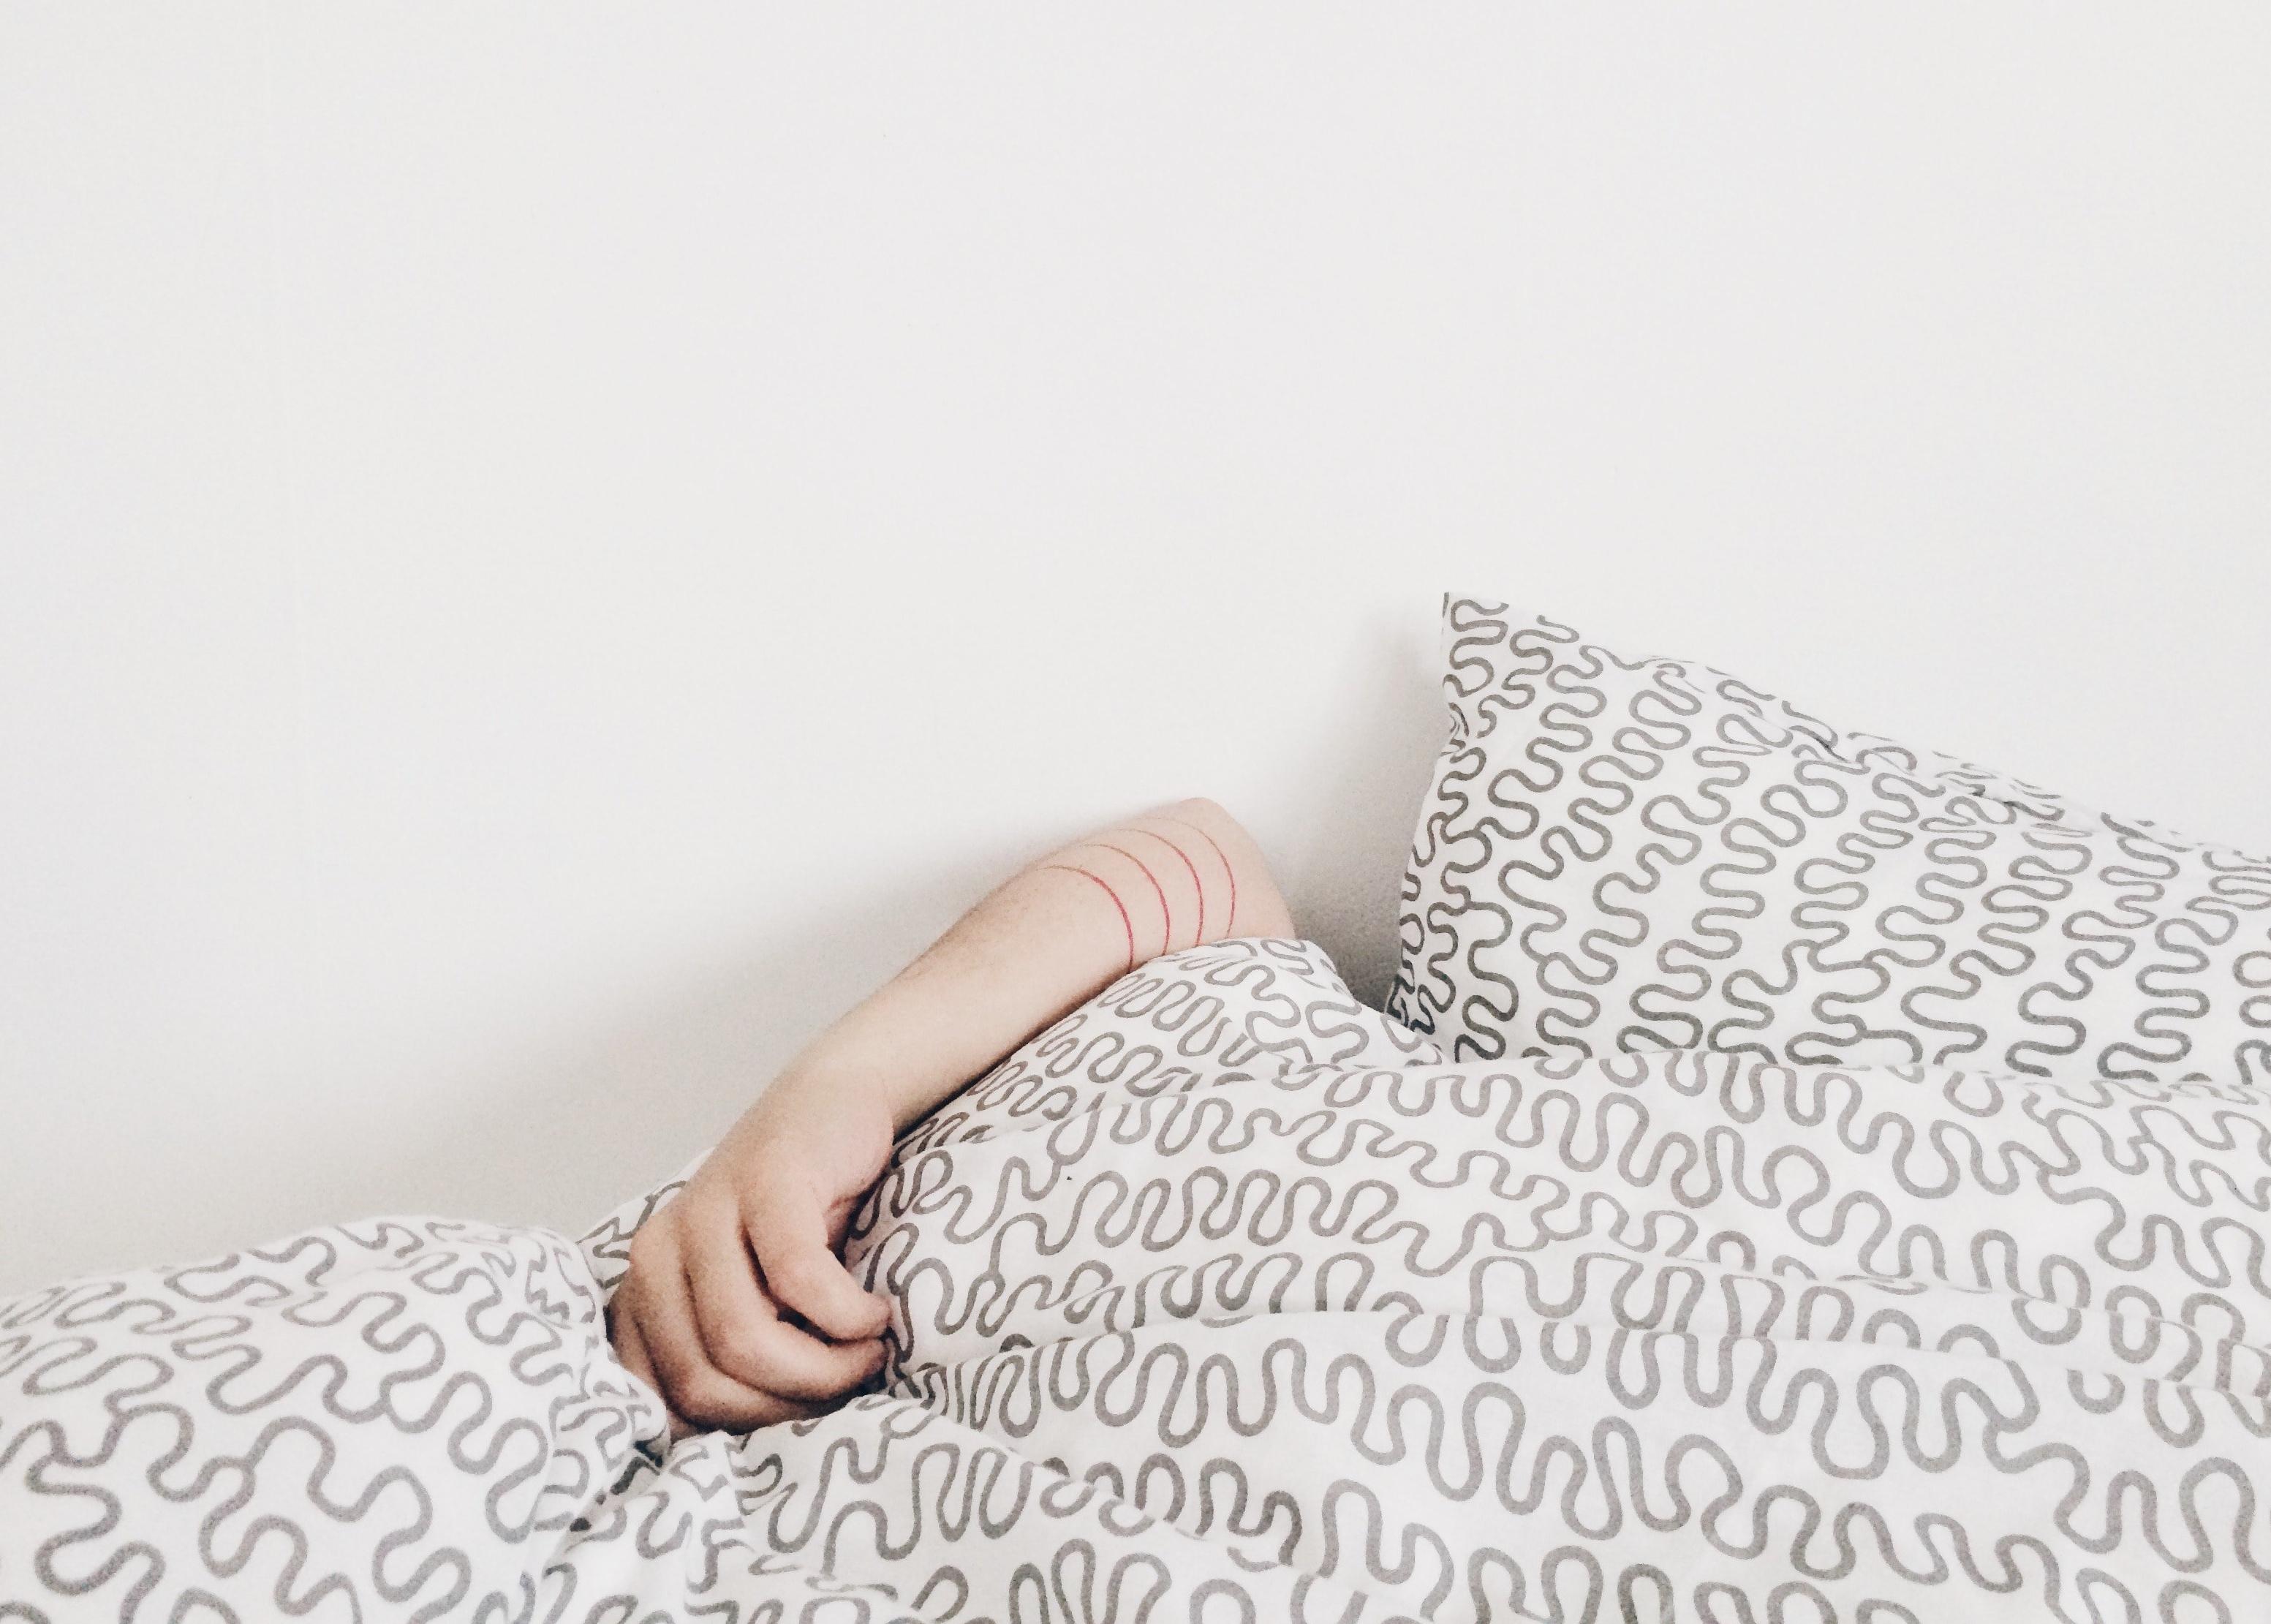 Sleep is good for you